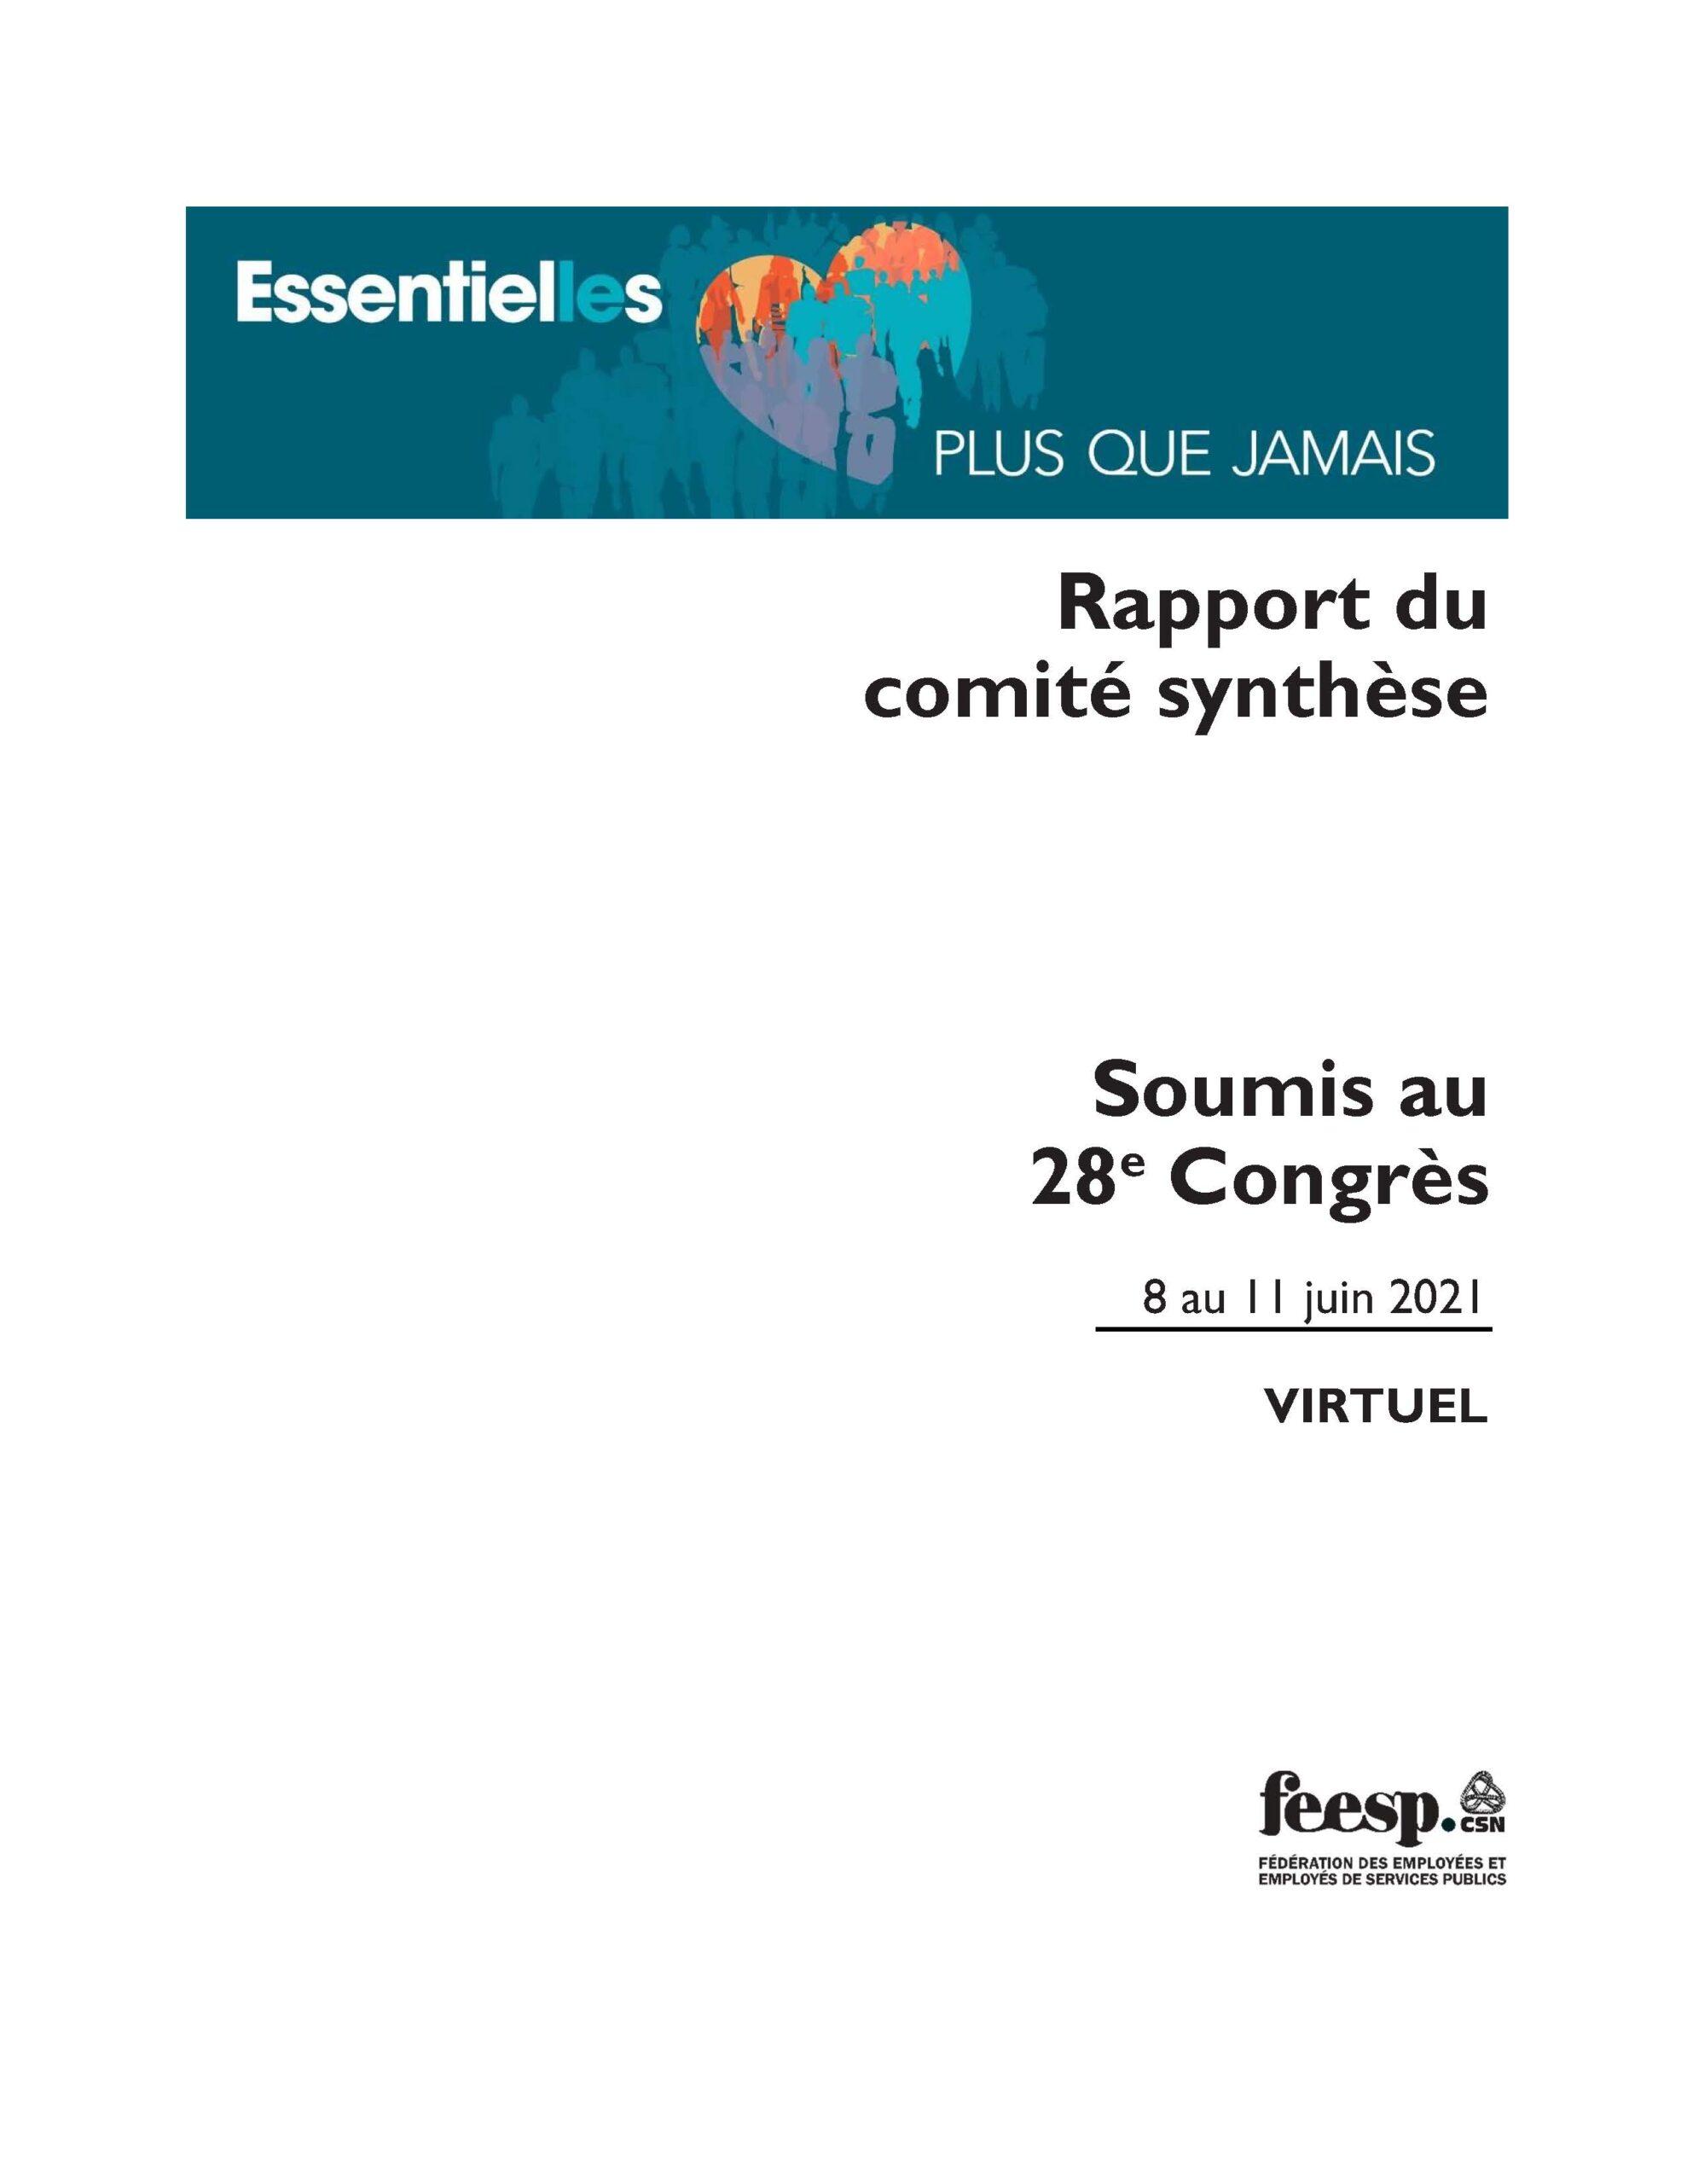 Rapport comité synthèse 2021